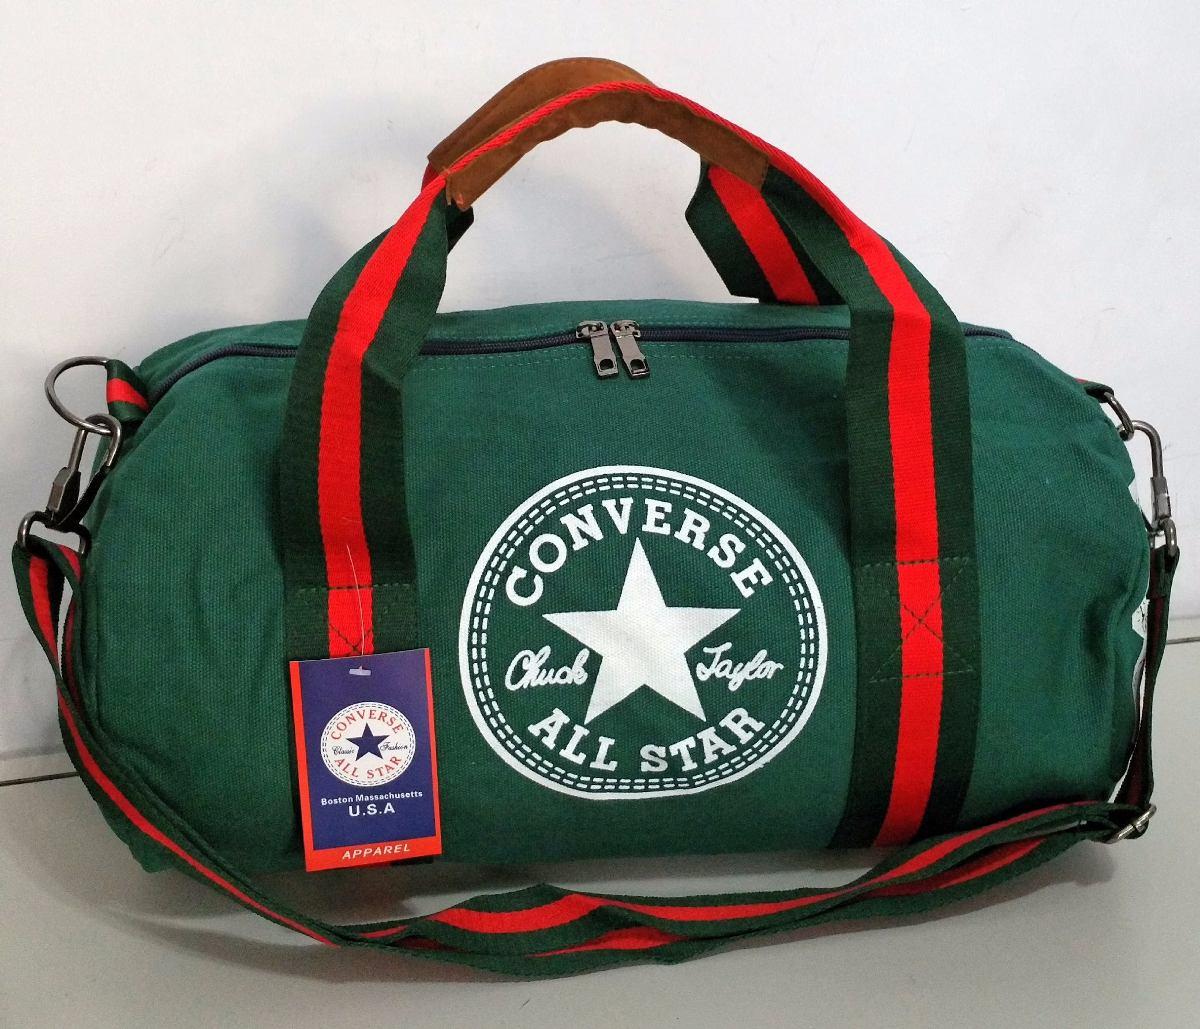 ec08c783e Exclusivo Bolso Converse Chuck Taylor All Star!!! - $ 410,00 en ...